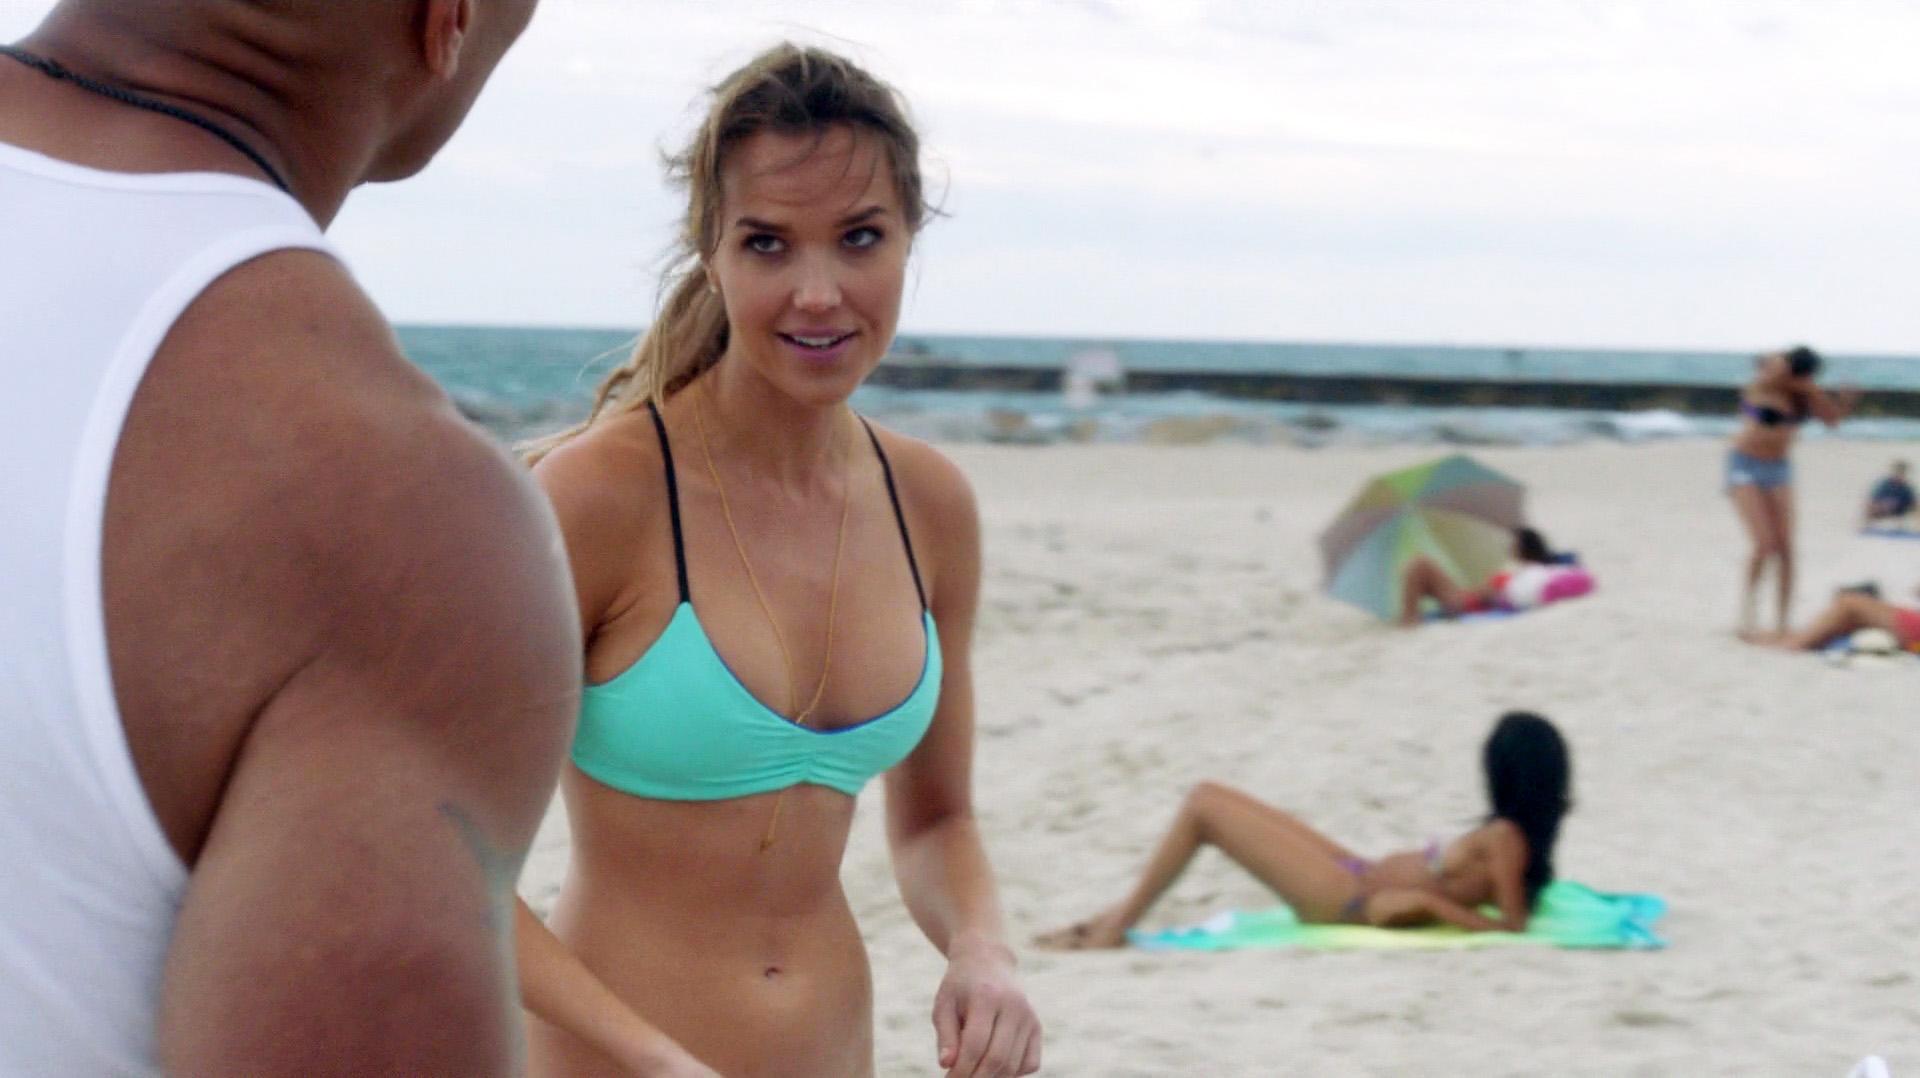 Joy Corrigan Naked watch online - arielle kebbel, joy corrigan, staci lyon